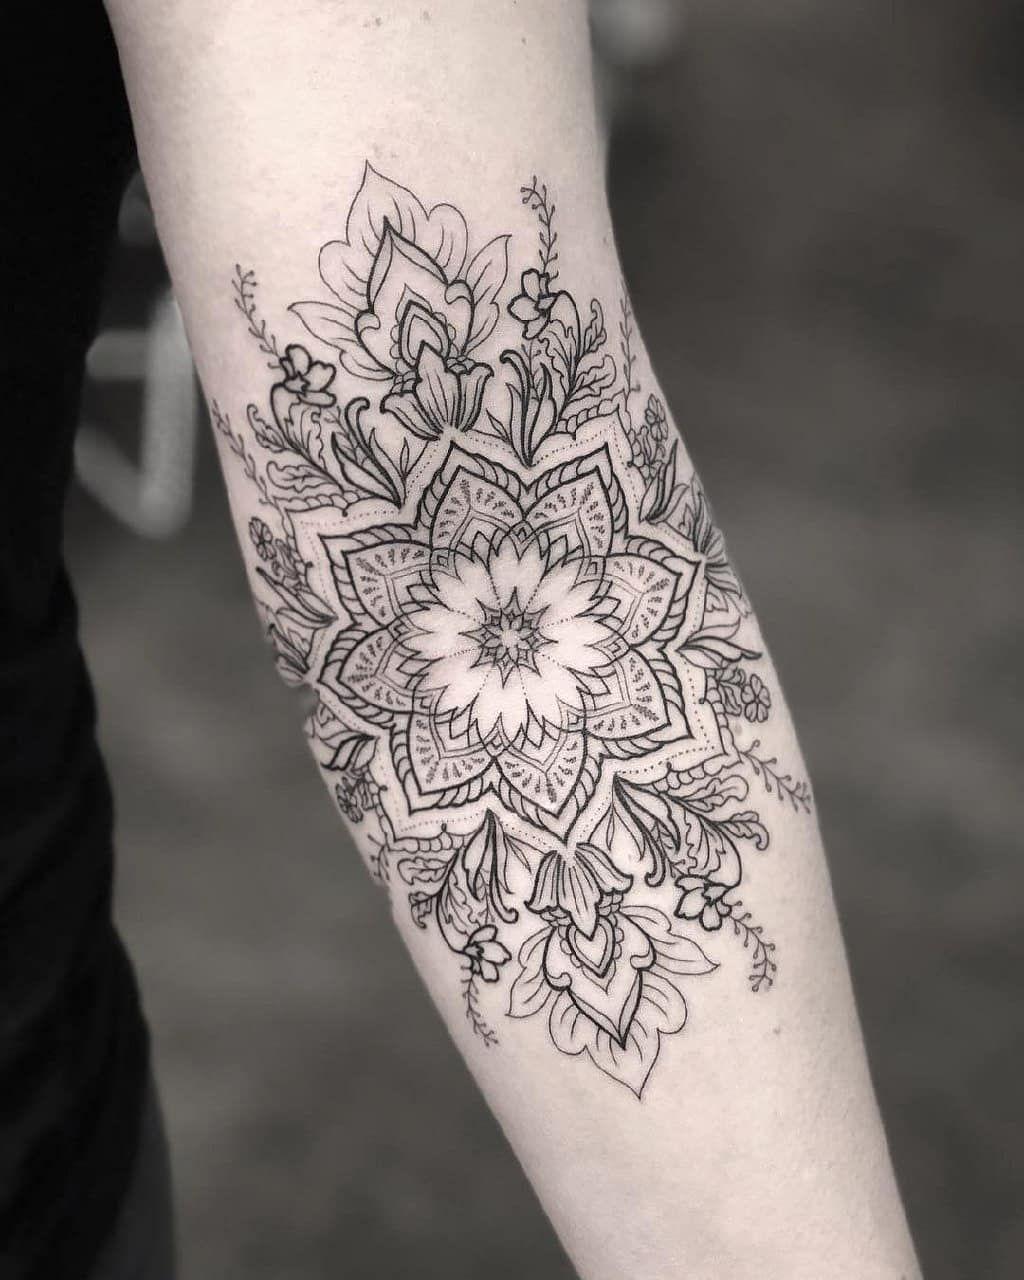 """TATTOO GALLERY on Instagram: """"❇ #tattoo #tattoos #tattooed#tattooart #dövme #tattoogirl#dotwork #tattooboy #inktattoo #mandala #tattoomodel#tattoolove #ink #instatattoo…"""""""